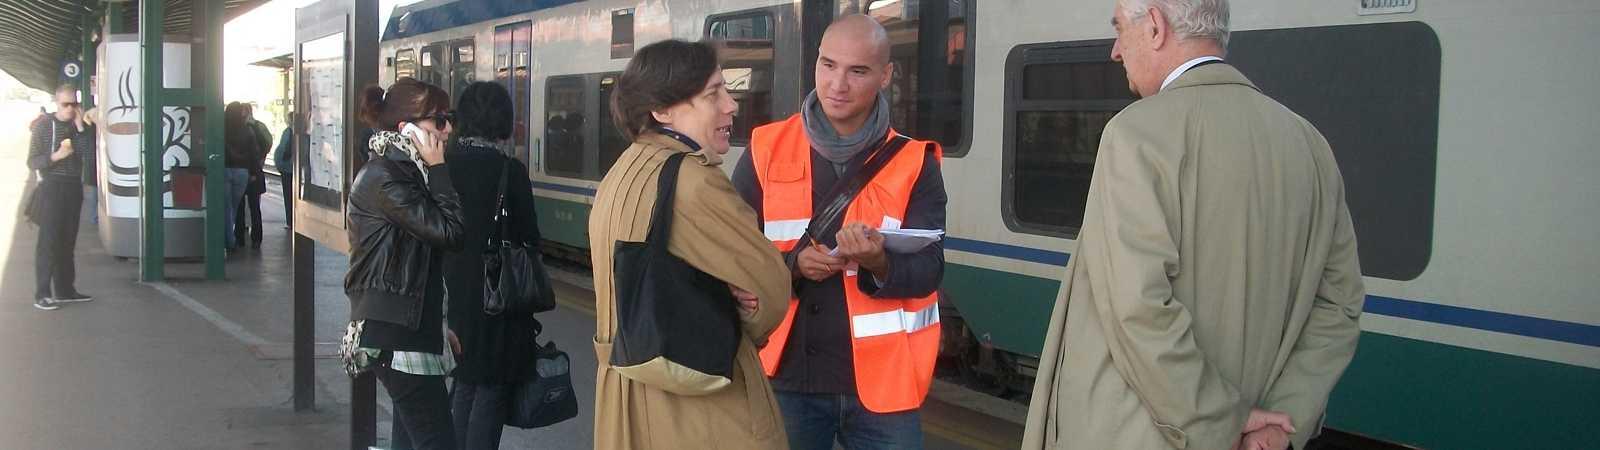 Regione Emilia-Romagna: ricerca intervistatori per indagine sulla mobilità dei passeggeri della rete ferroviaria regionale